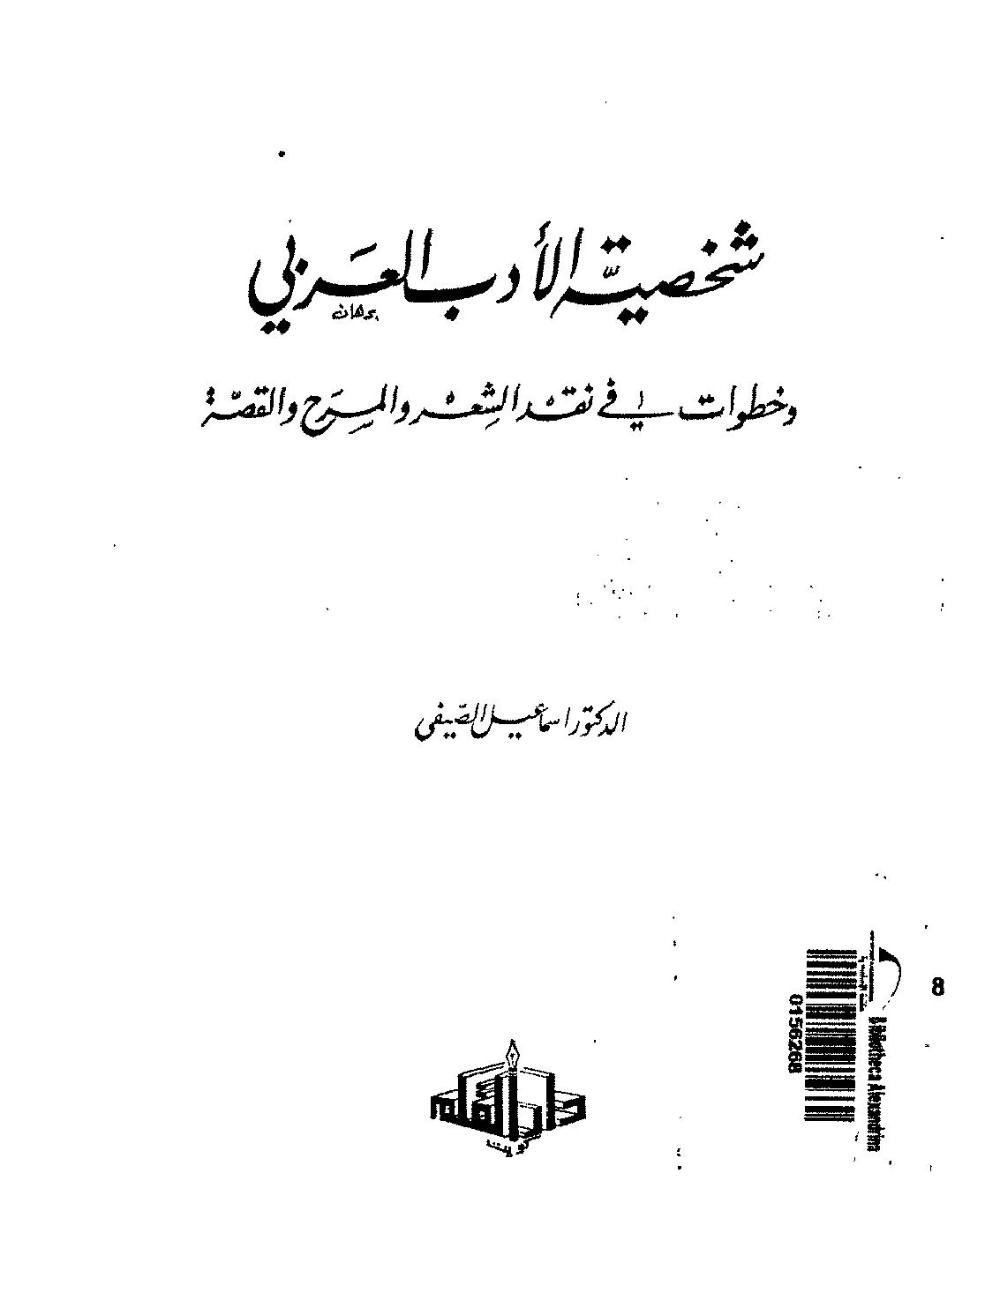 3805 كتاب اقرا اونلاين Pdf شخصيات الأدب العربي لإسماعيل الصيفي Free Download Borrow And Streaming Internet Archive Internet Archive Writing Texts